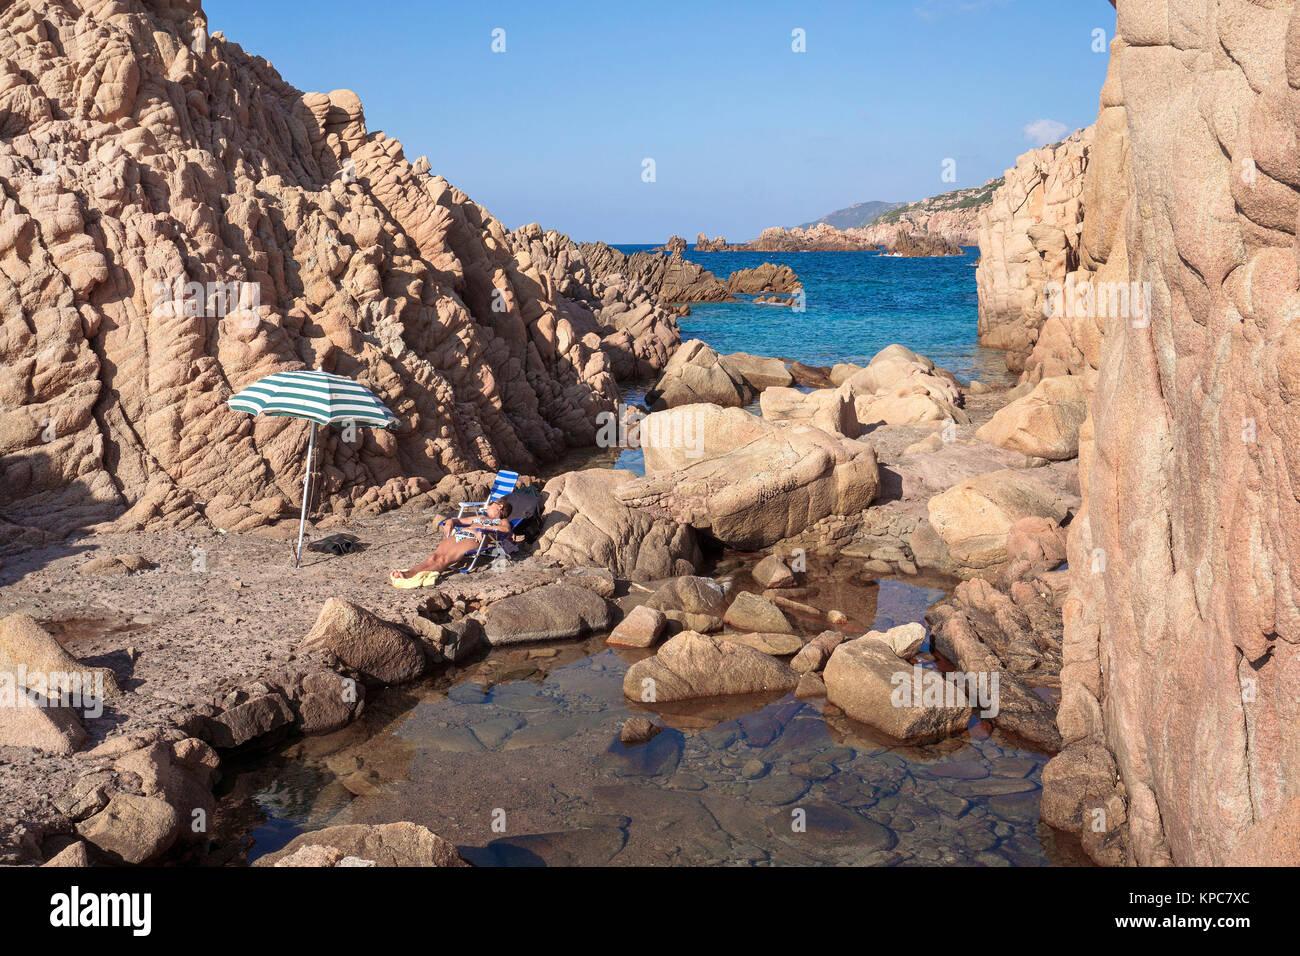 Idyllic bathing beach at rocky coast of Costa Paradiso, Porphyry rocks, Sardinia, Italy, Mediterranean  sea, Europe - Stock Image